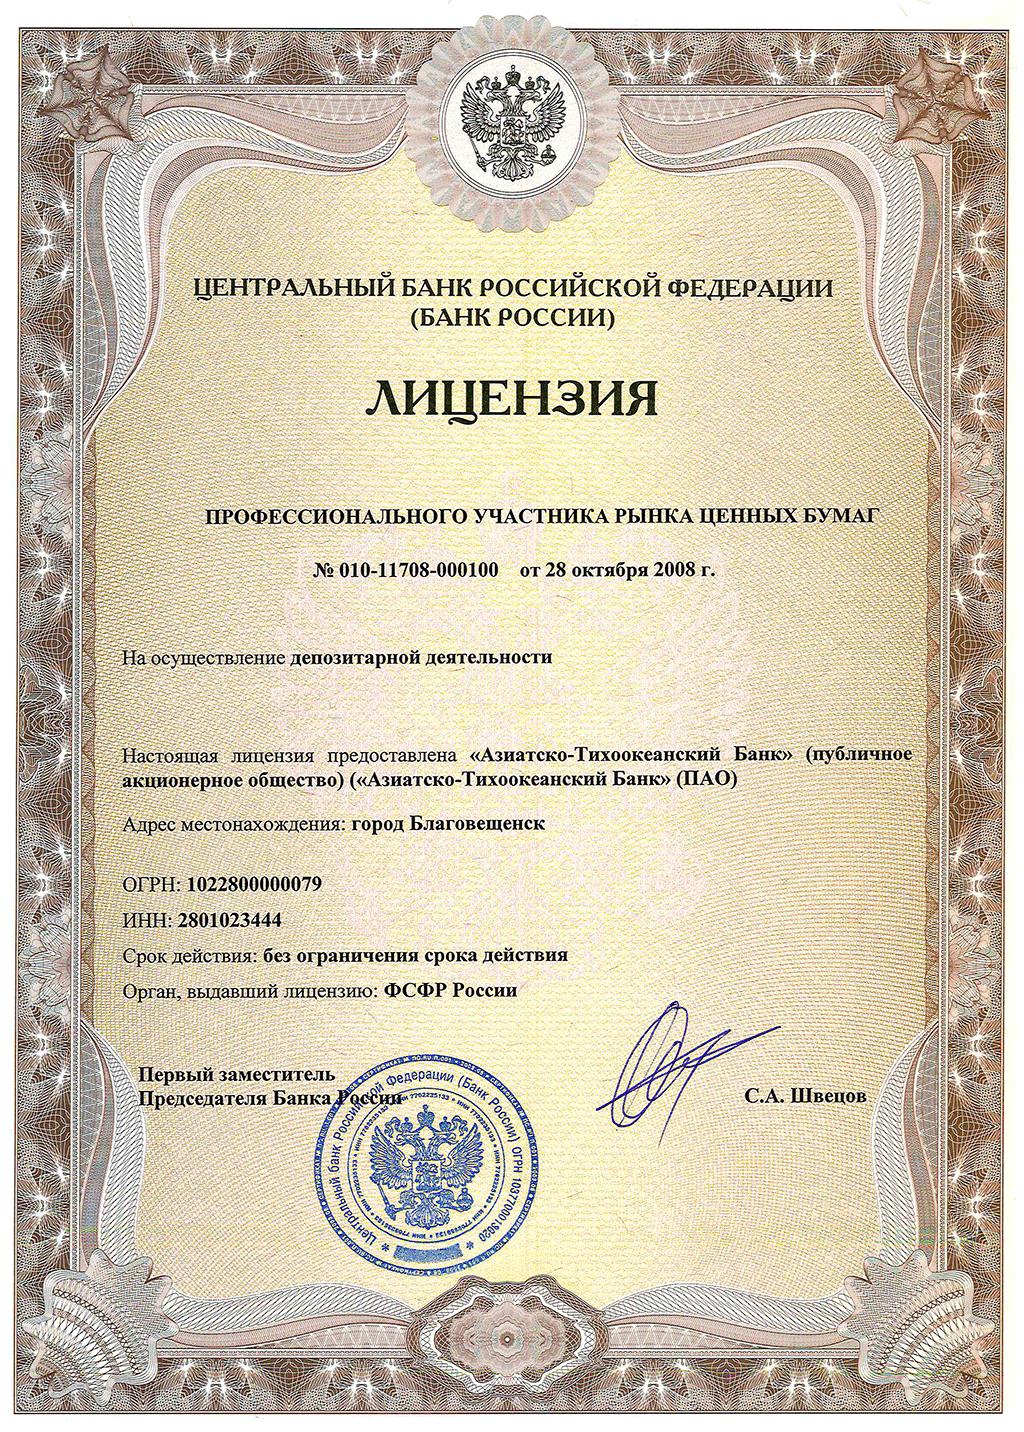 В июле 2020 года планируется взять кредит в размере 4.2 млн рублей решу егэ